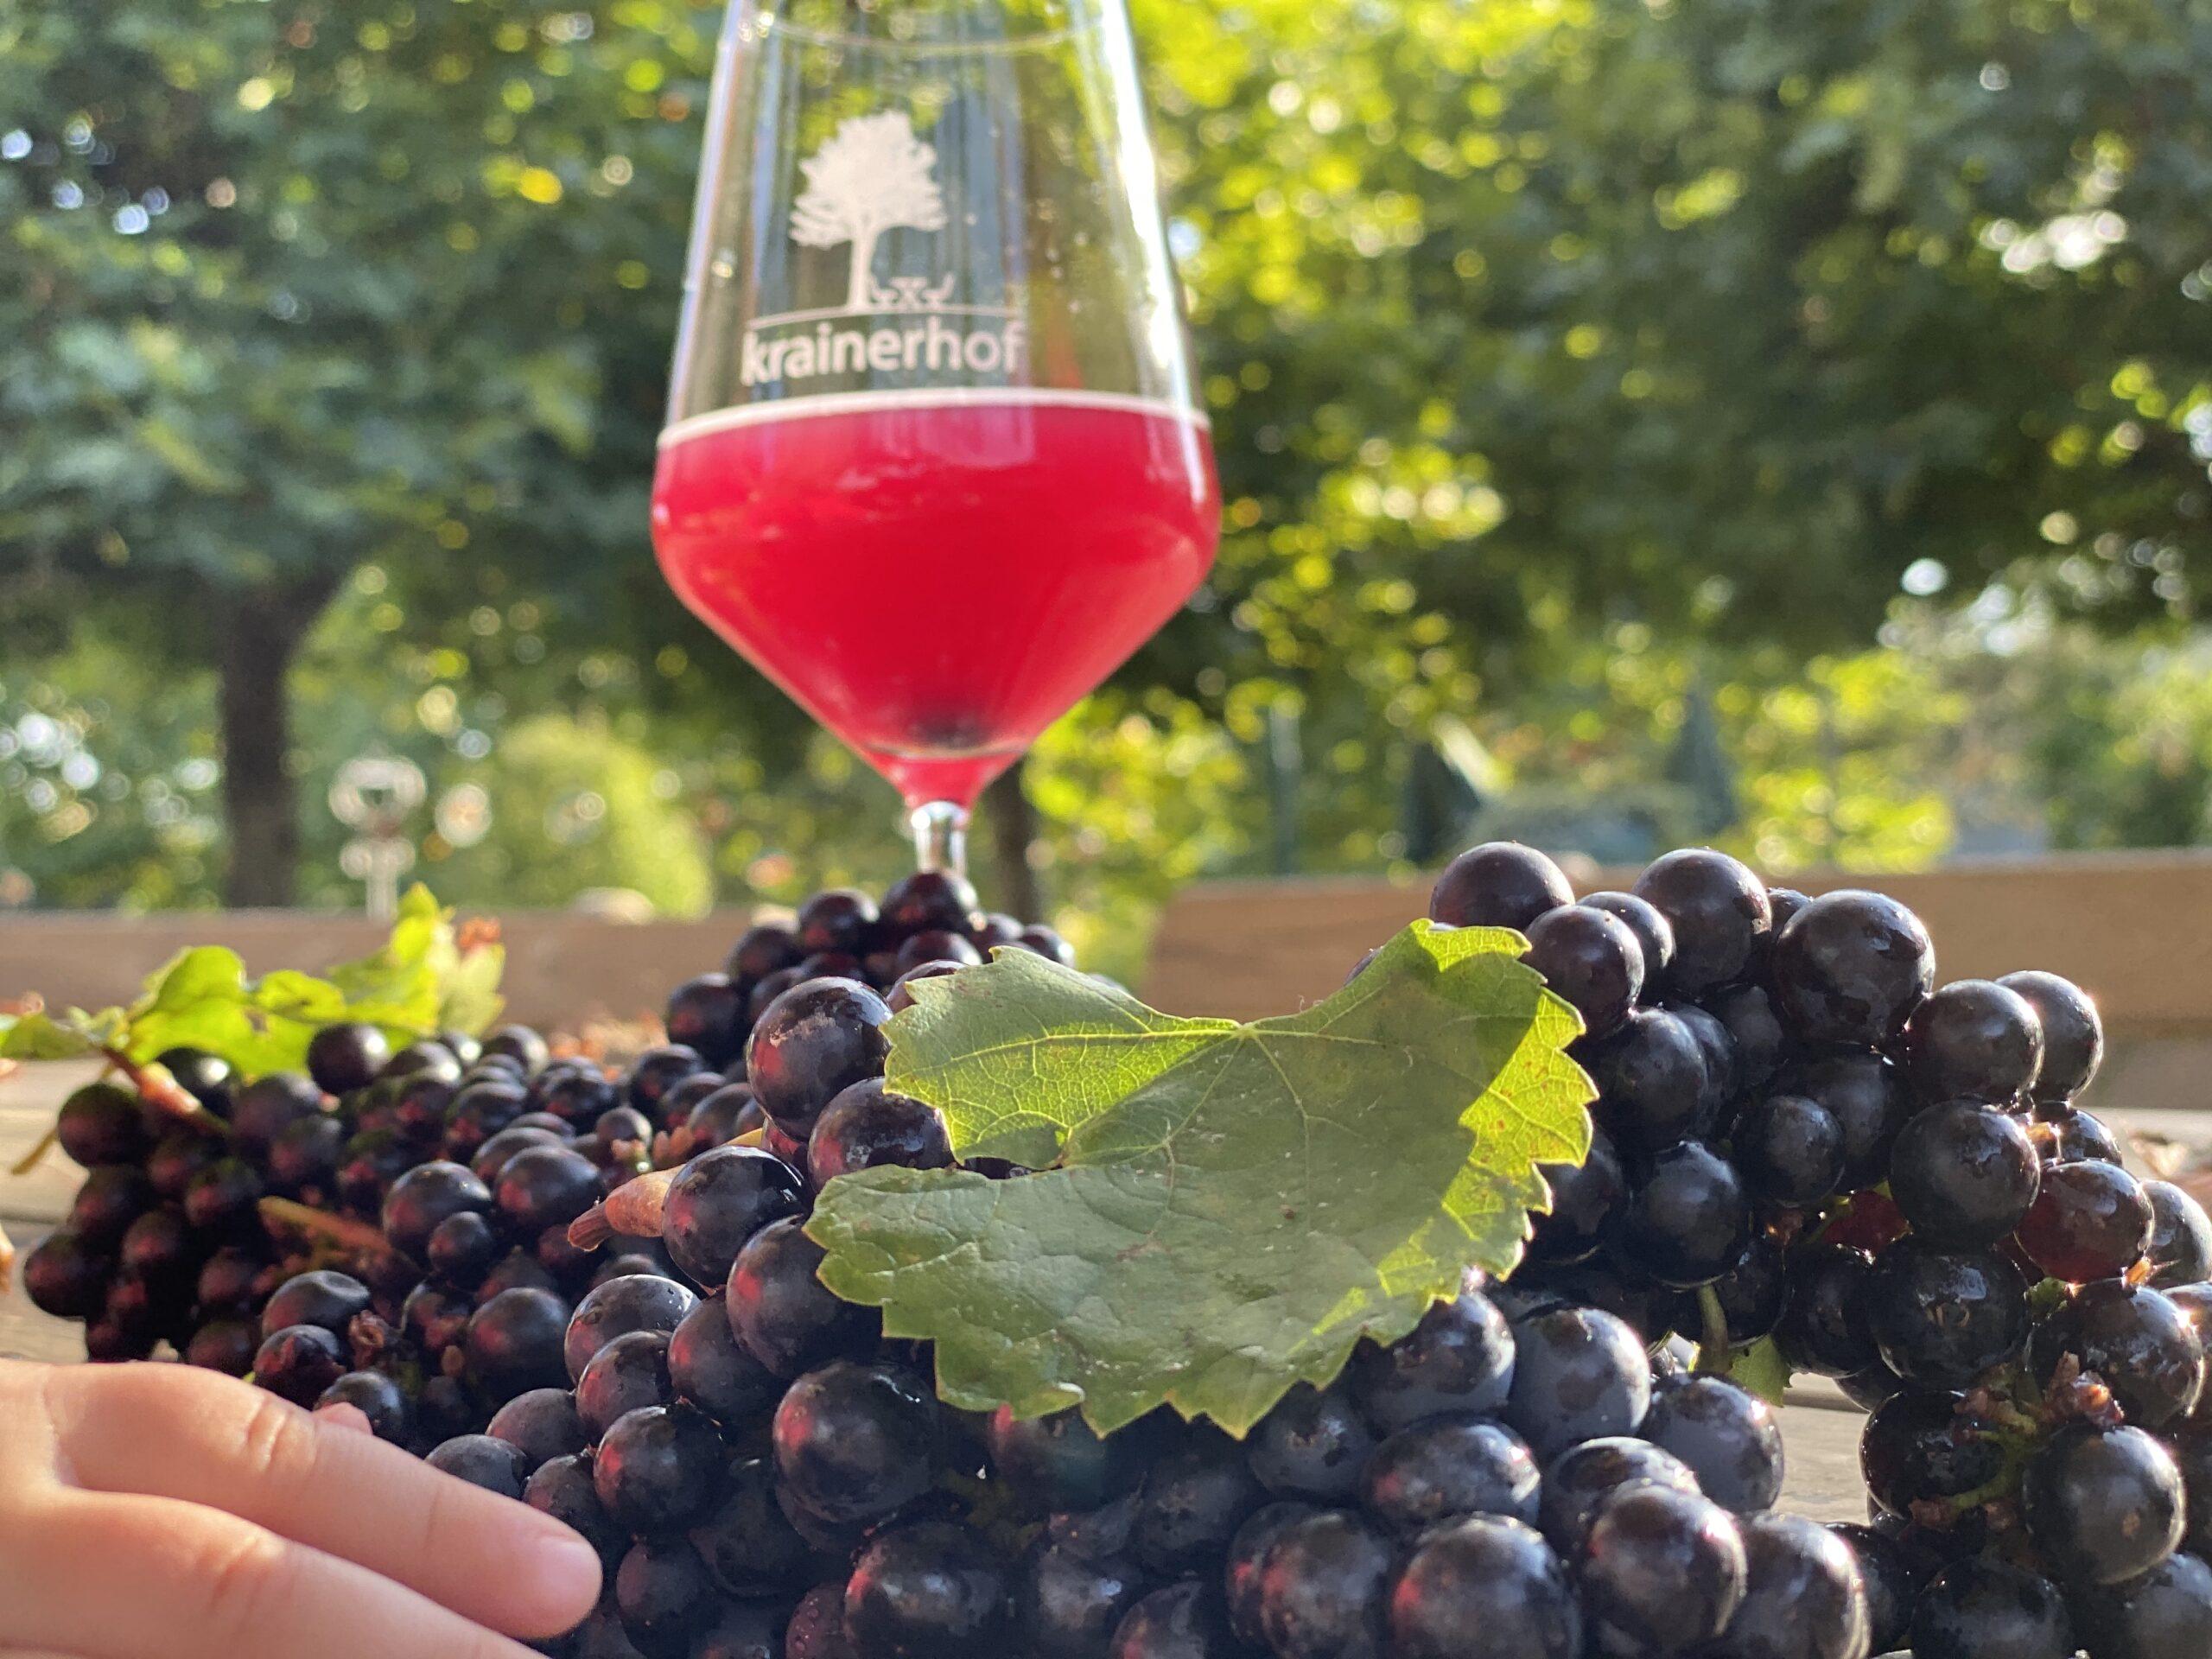 Winzer des Monats Oktober 2021: Weingut Krainerhof